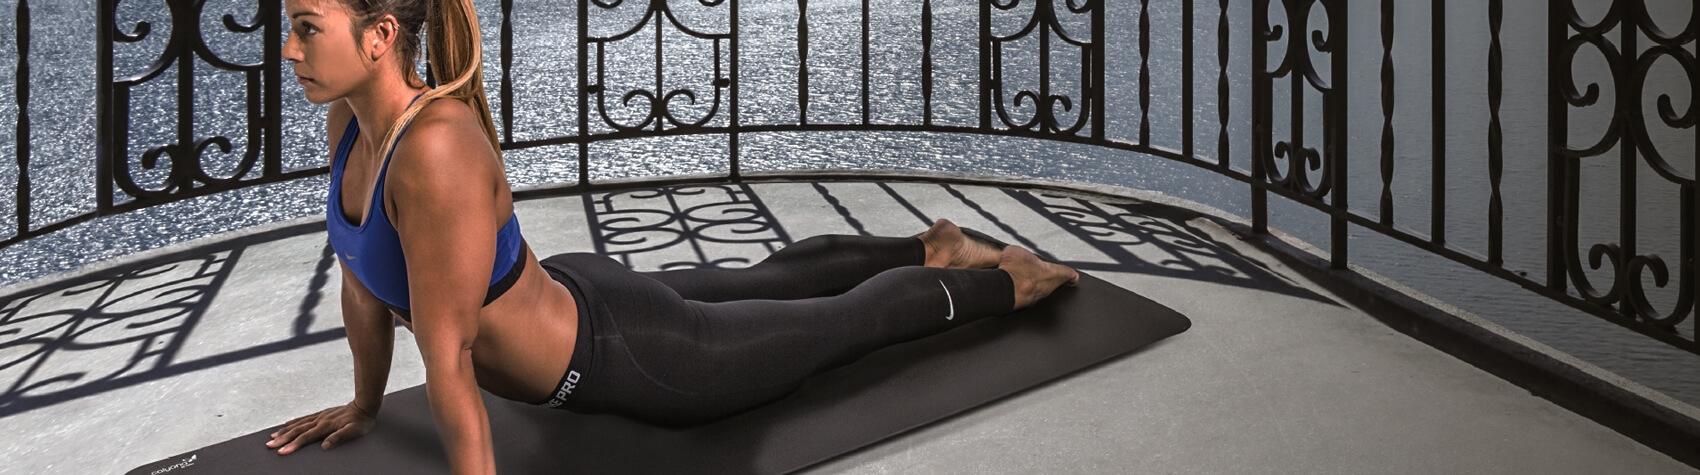 Full range of exercise mats